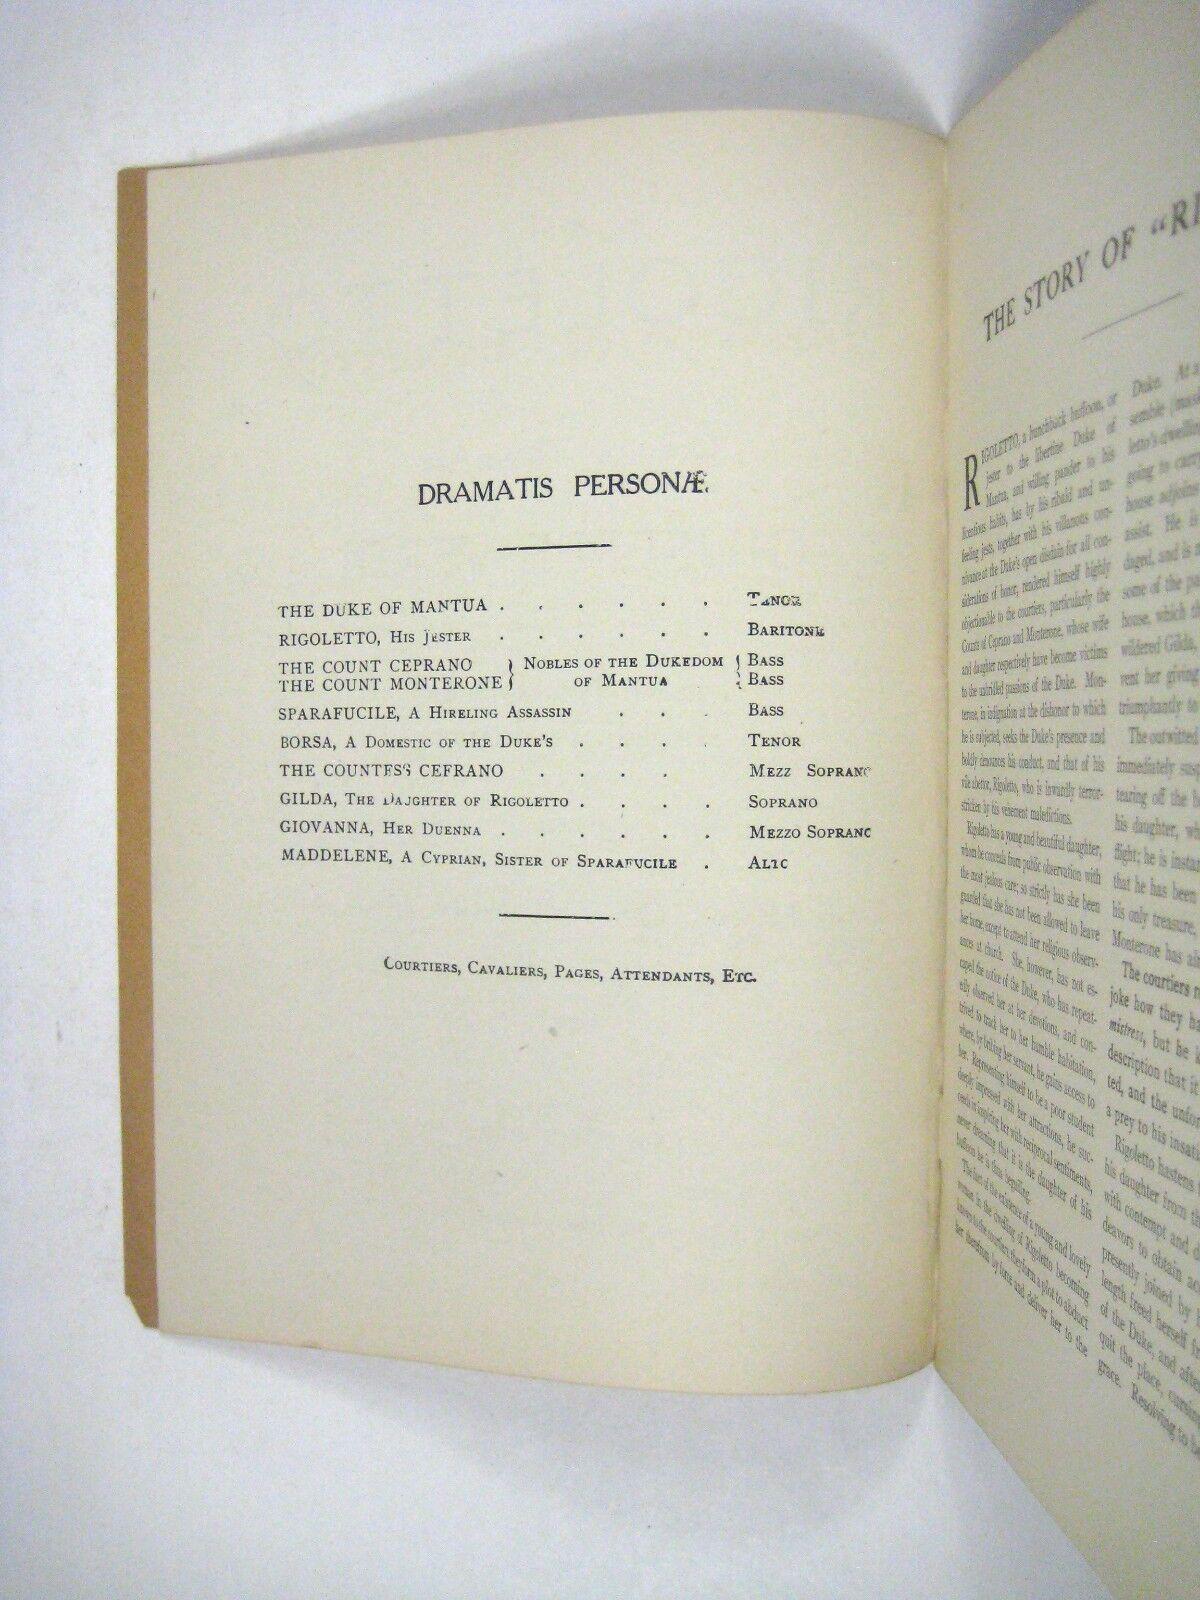 Rigoletto Verdi Grand Opera Libtrettos Boston Flyer Basiola Beniamino Gigli - $99.99